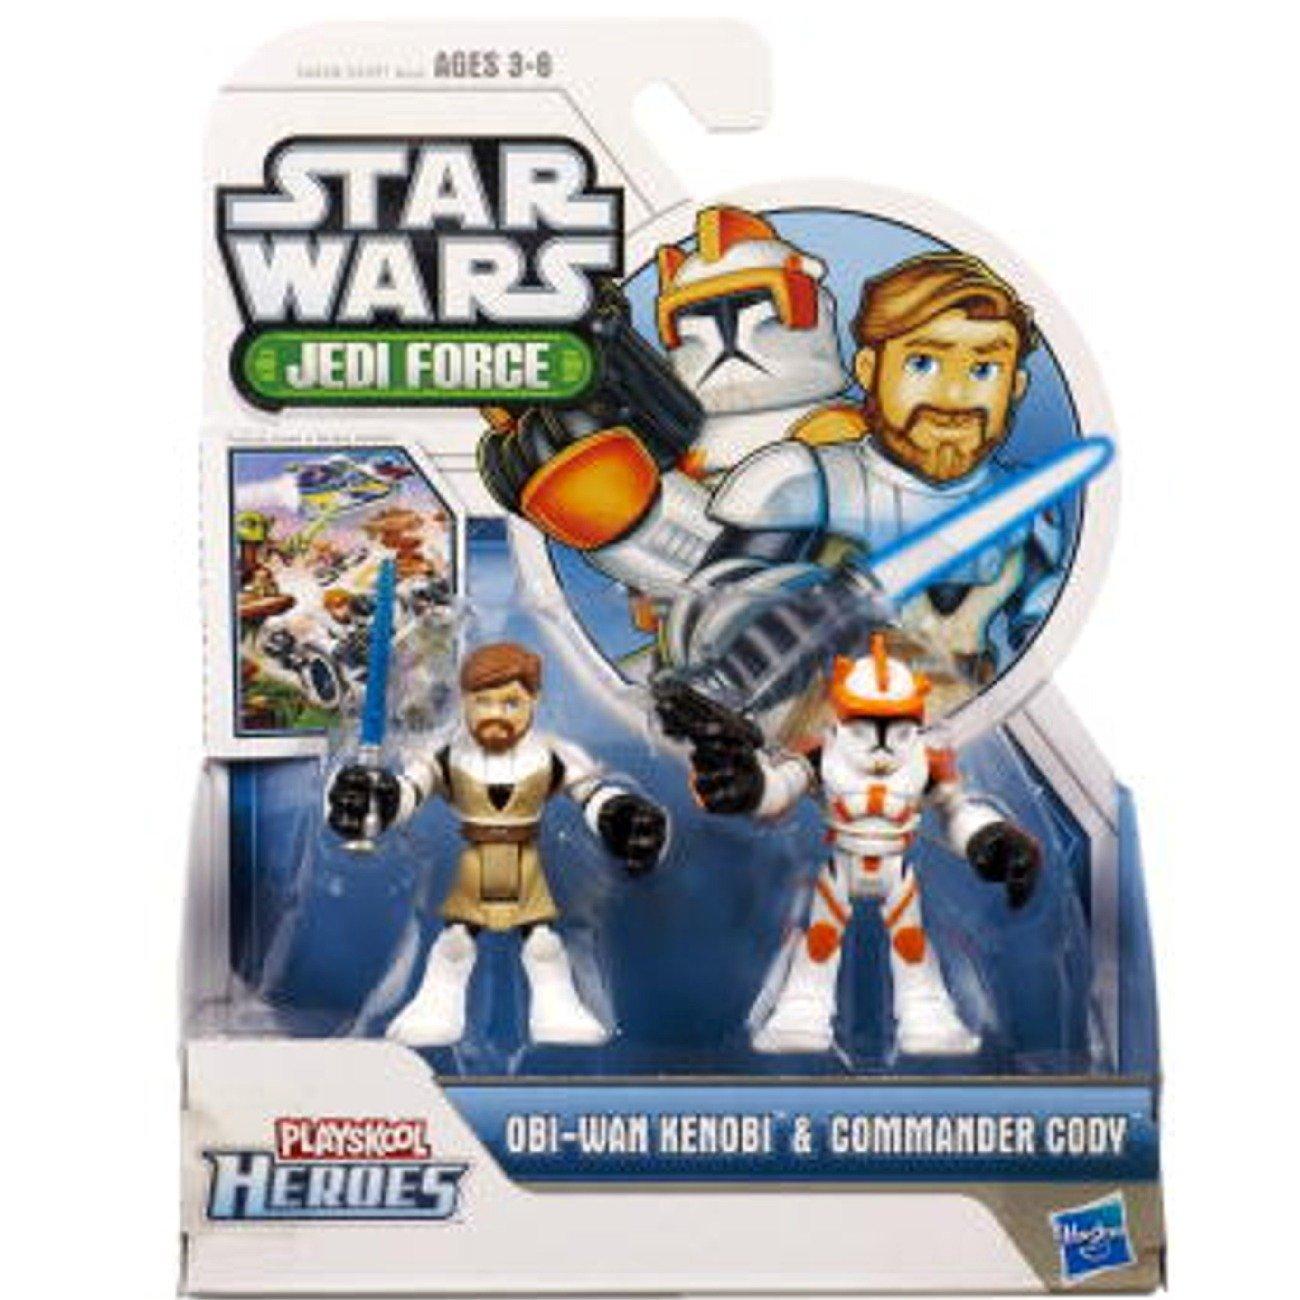 Star Wars Jedi Playskool Fuerza Héroes Obi-Wan Kenobi y comandante Cody figura de acción 2 por Hasbro